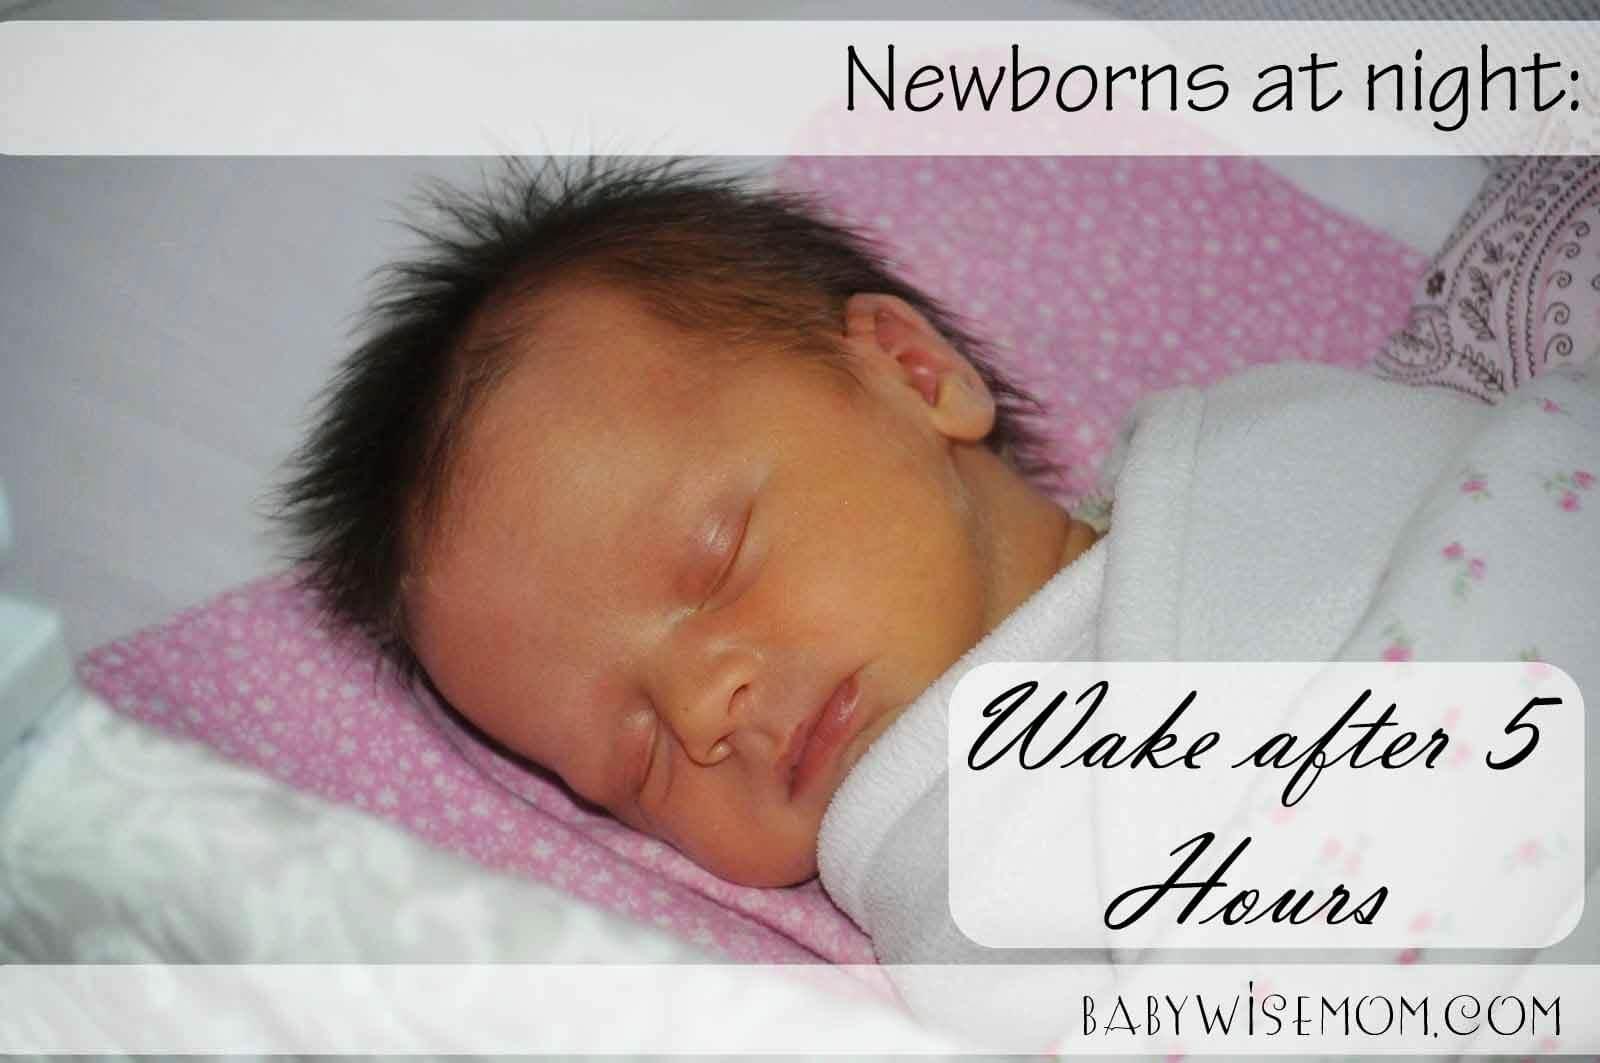 Newborns need to wake every 5 hours to eat at night